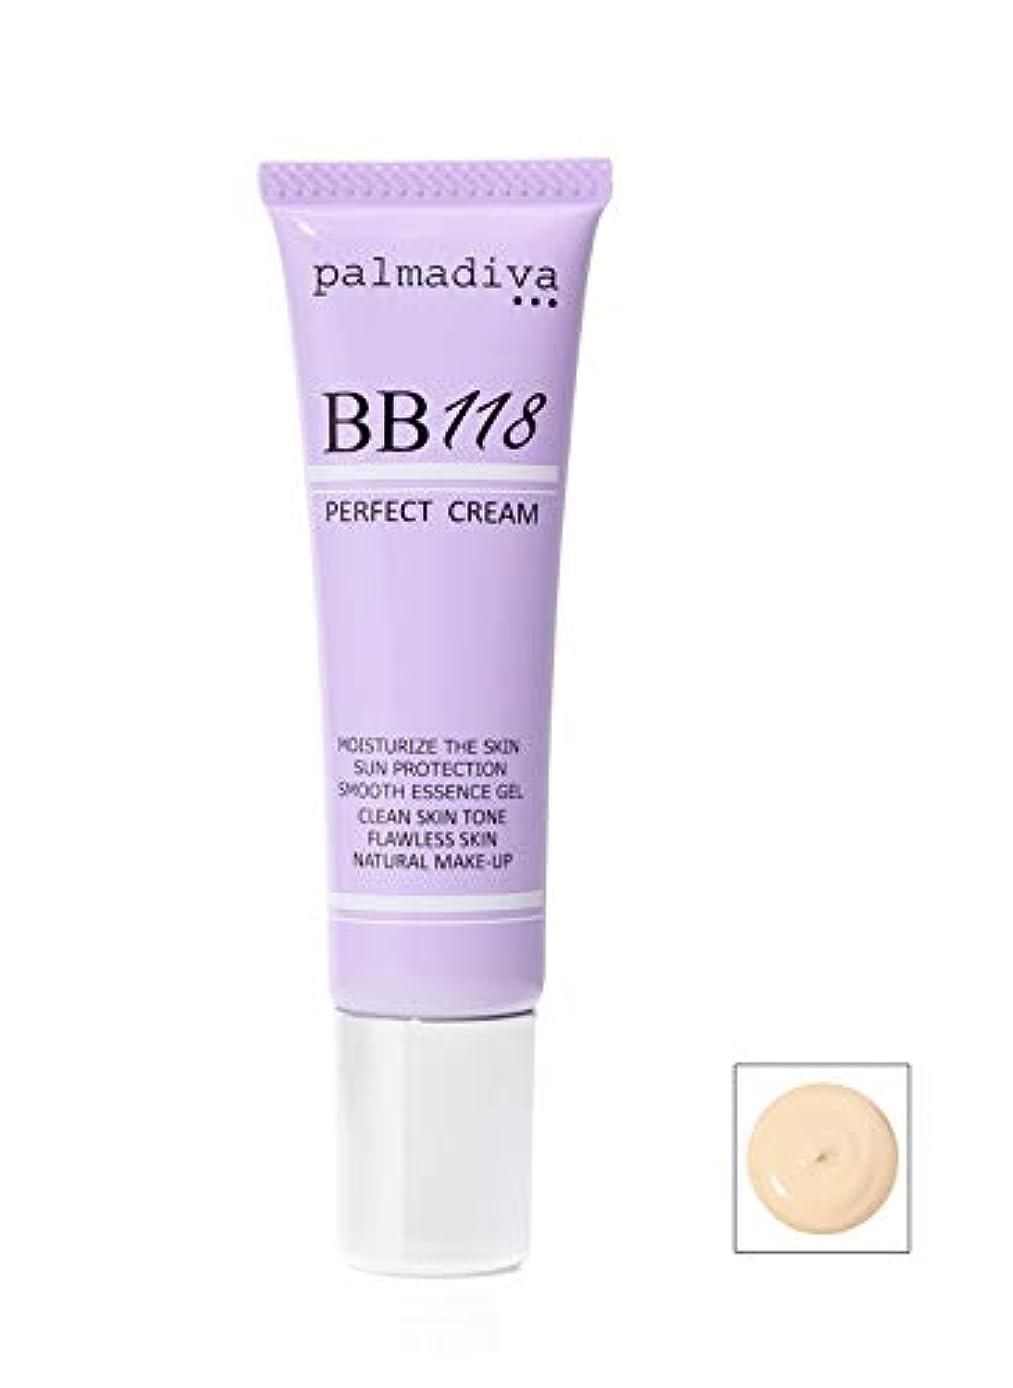 ハウジング最も遠い呪いパルマディーバ 新 BB118プラス パーフェクトクリーム (美容液ファンデーション) ヒト由来幹細胞エキス ユーグレナエキス配合